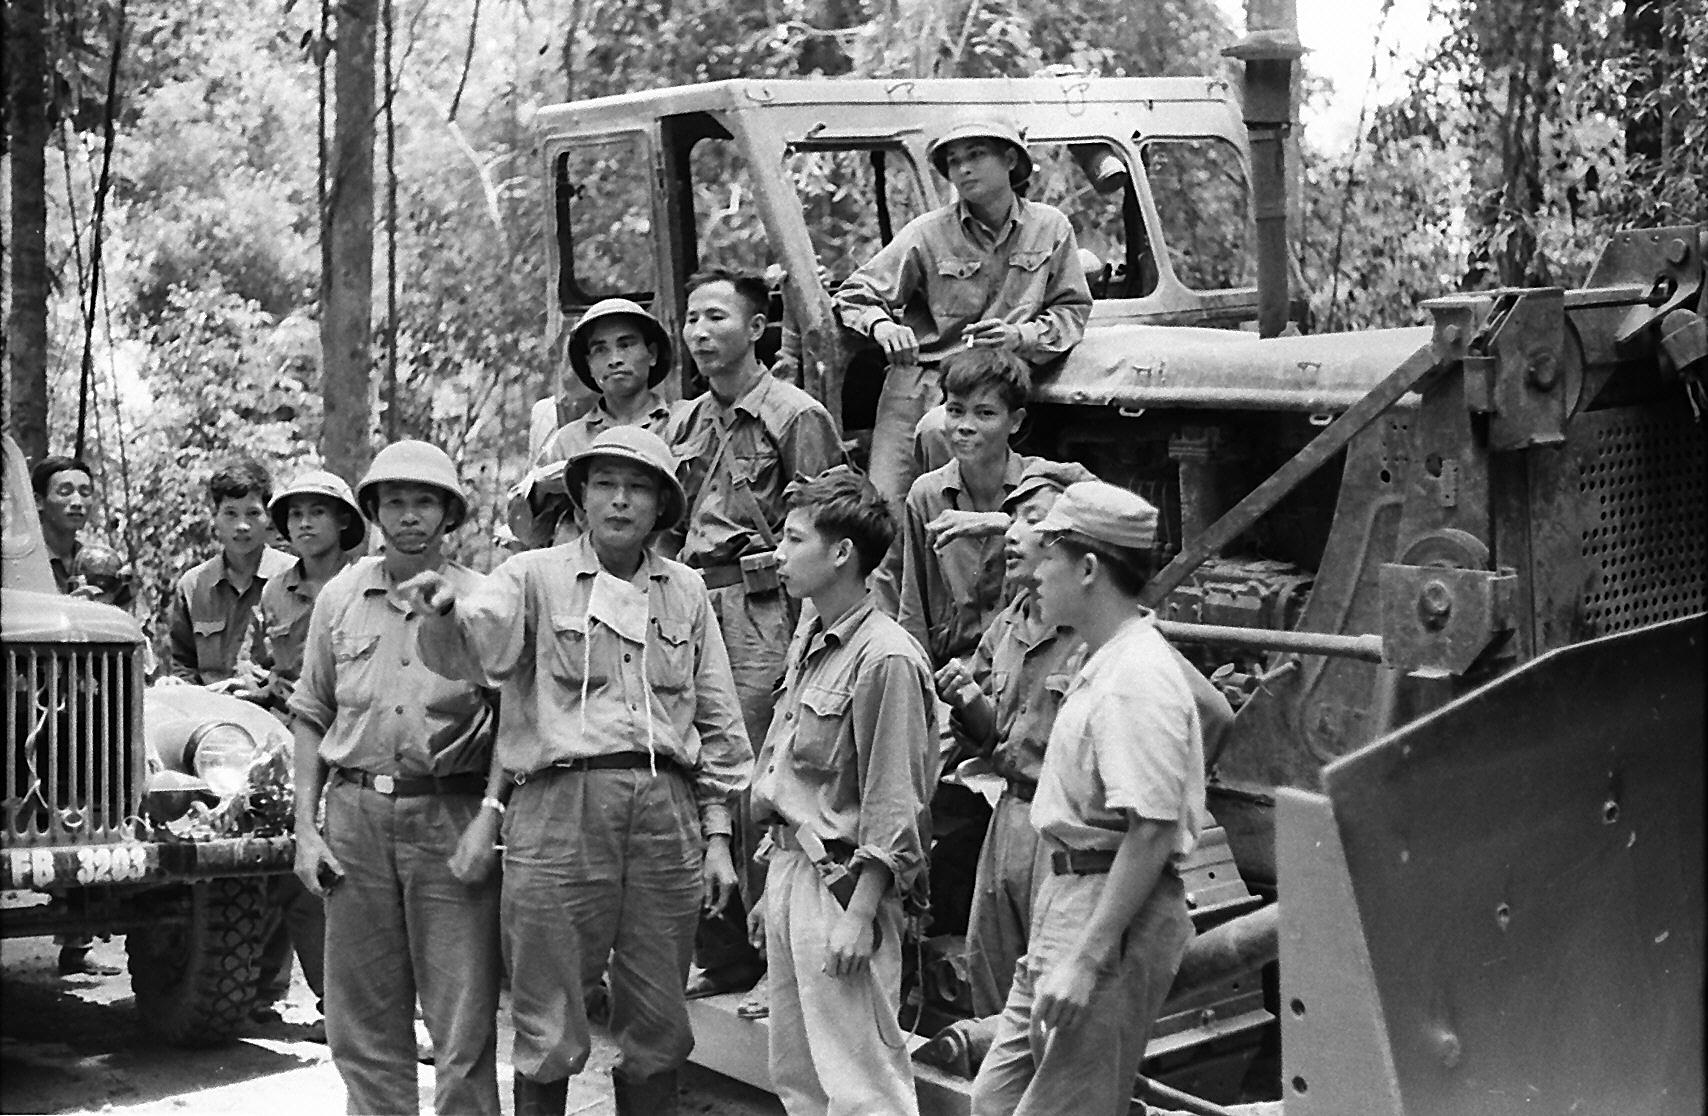 Tư lệnh Đồng Sĩ Nguyên thăm một đơn vị công binh Trường Sơn